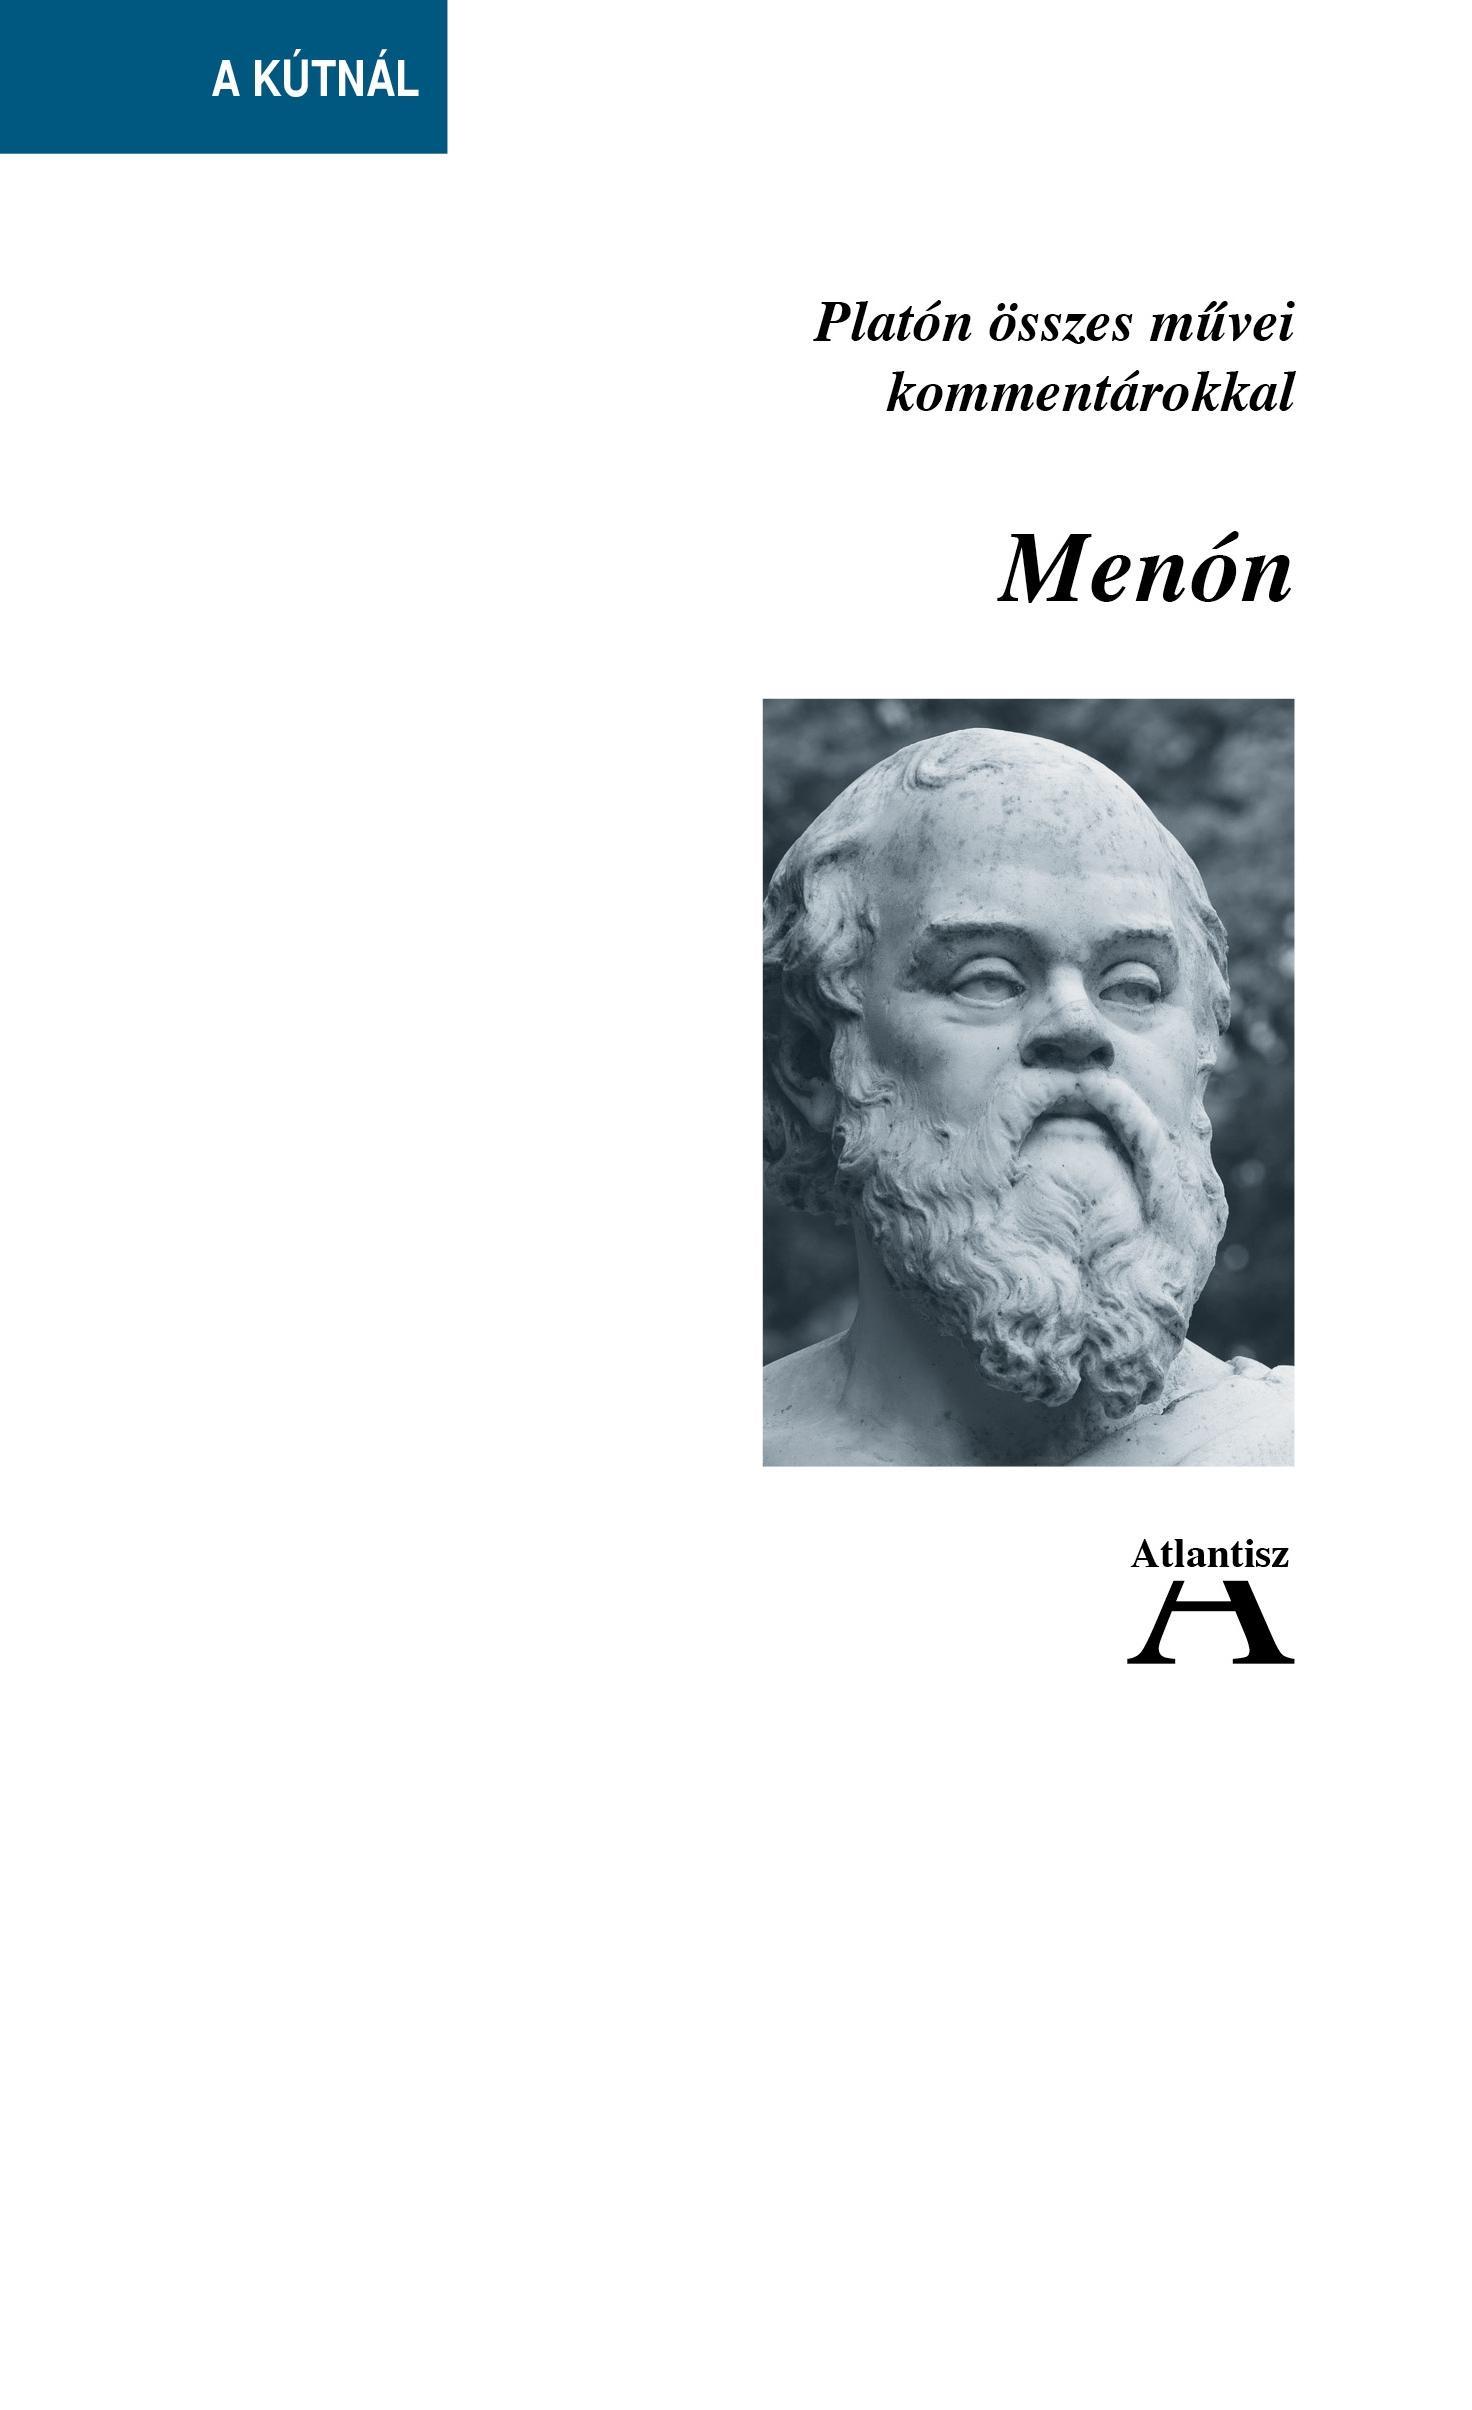 MENÓN - PLATÓN ÖSSZES MÛVEI KOMMENTÁROKKAL